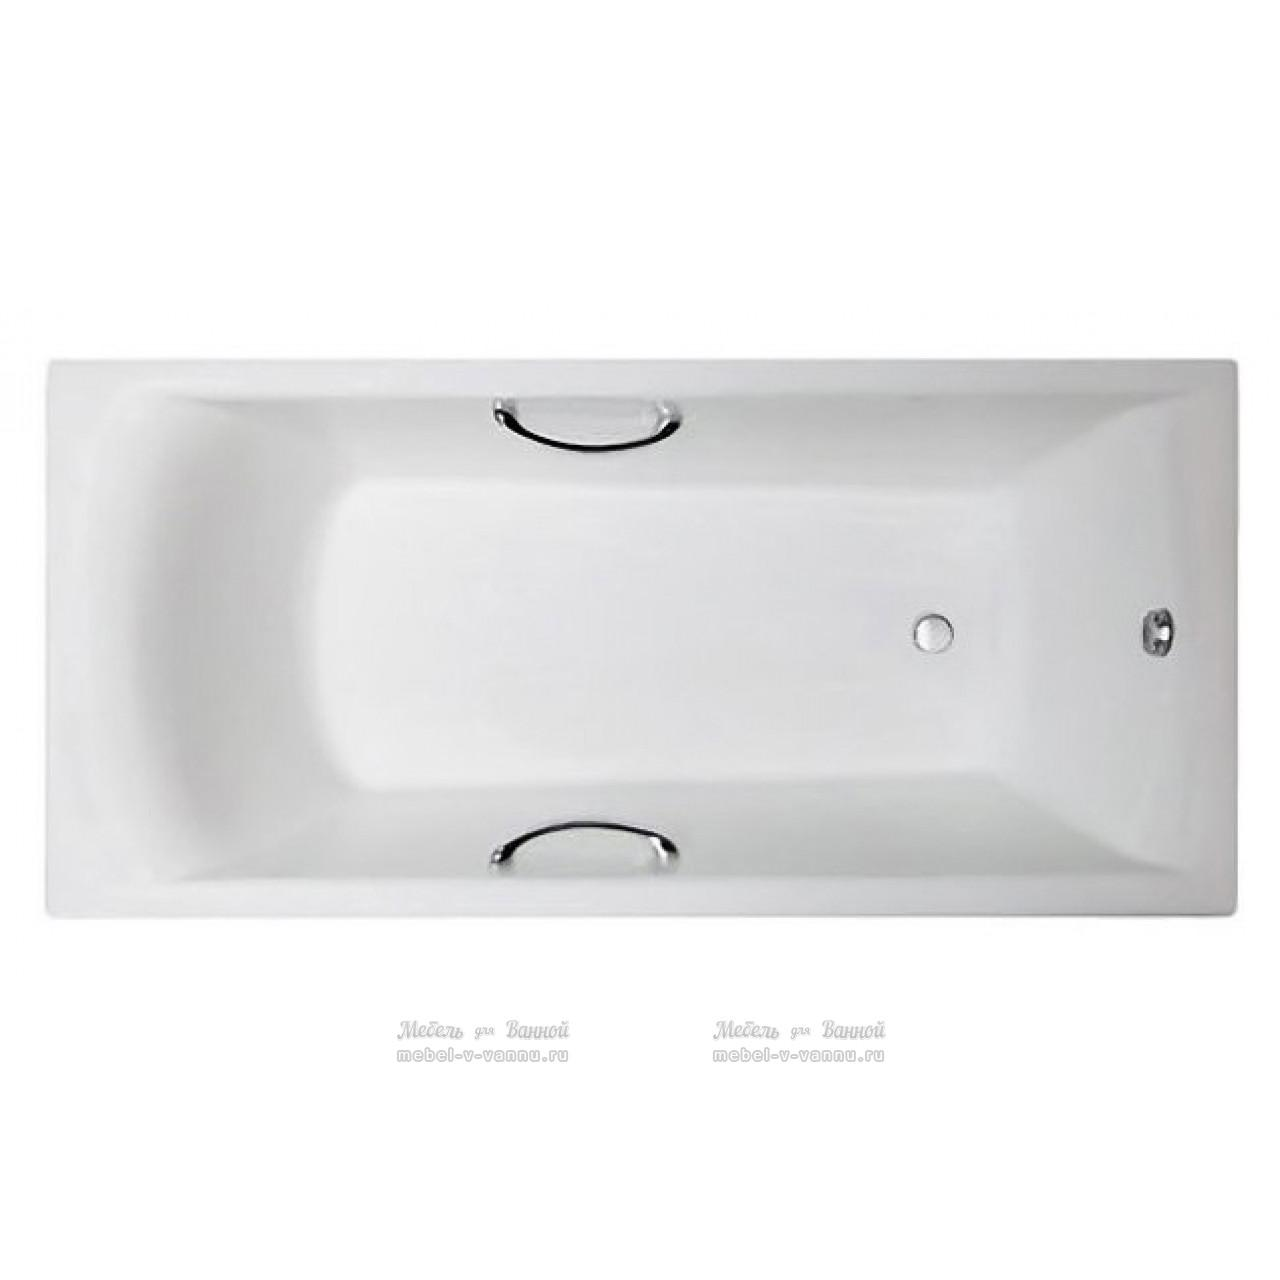 Чугунная ванна Castalia Prime 1800х800х480 с хром ручками купить в Москве по цене от 42100р. в интернет-магазине mebel-v-vannu.ru